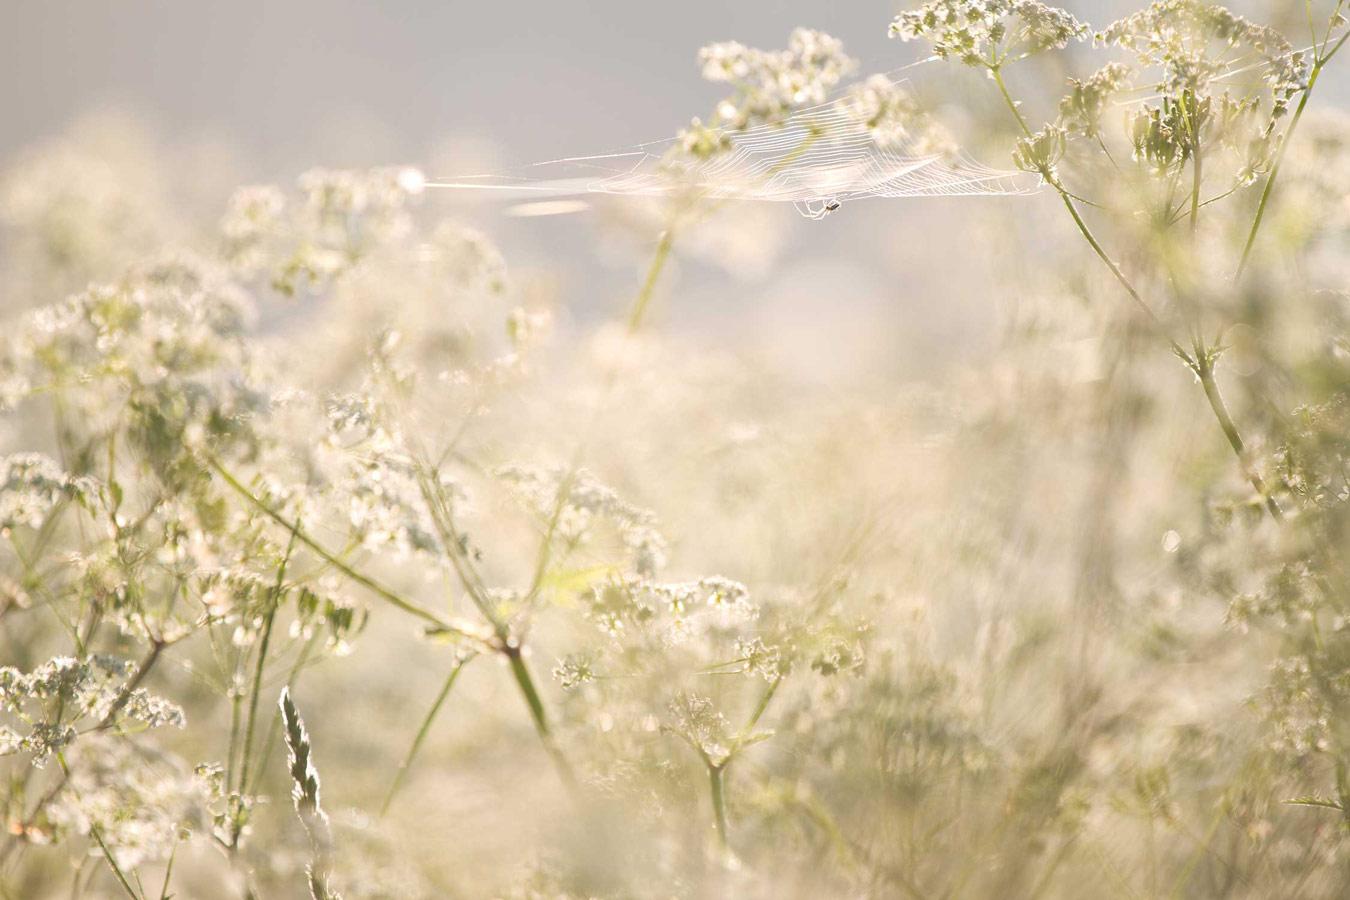 Долгое ожидание. Уилсфорд, Уилтшир, © Джейк Кнейл, Конкурс фотографий дикой природы British Wildlife